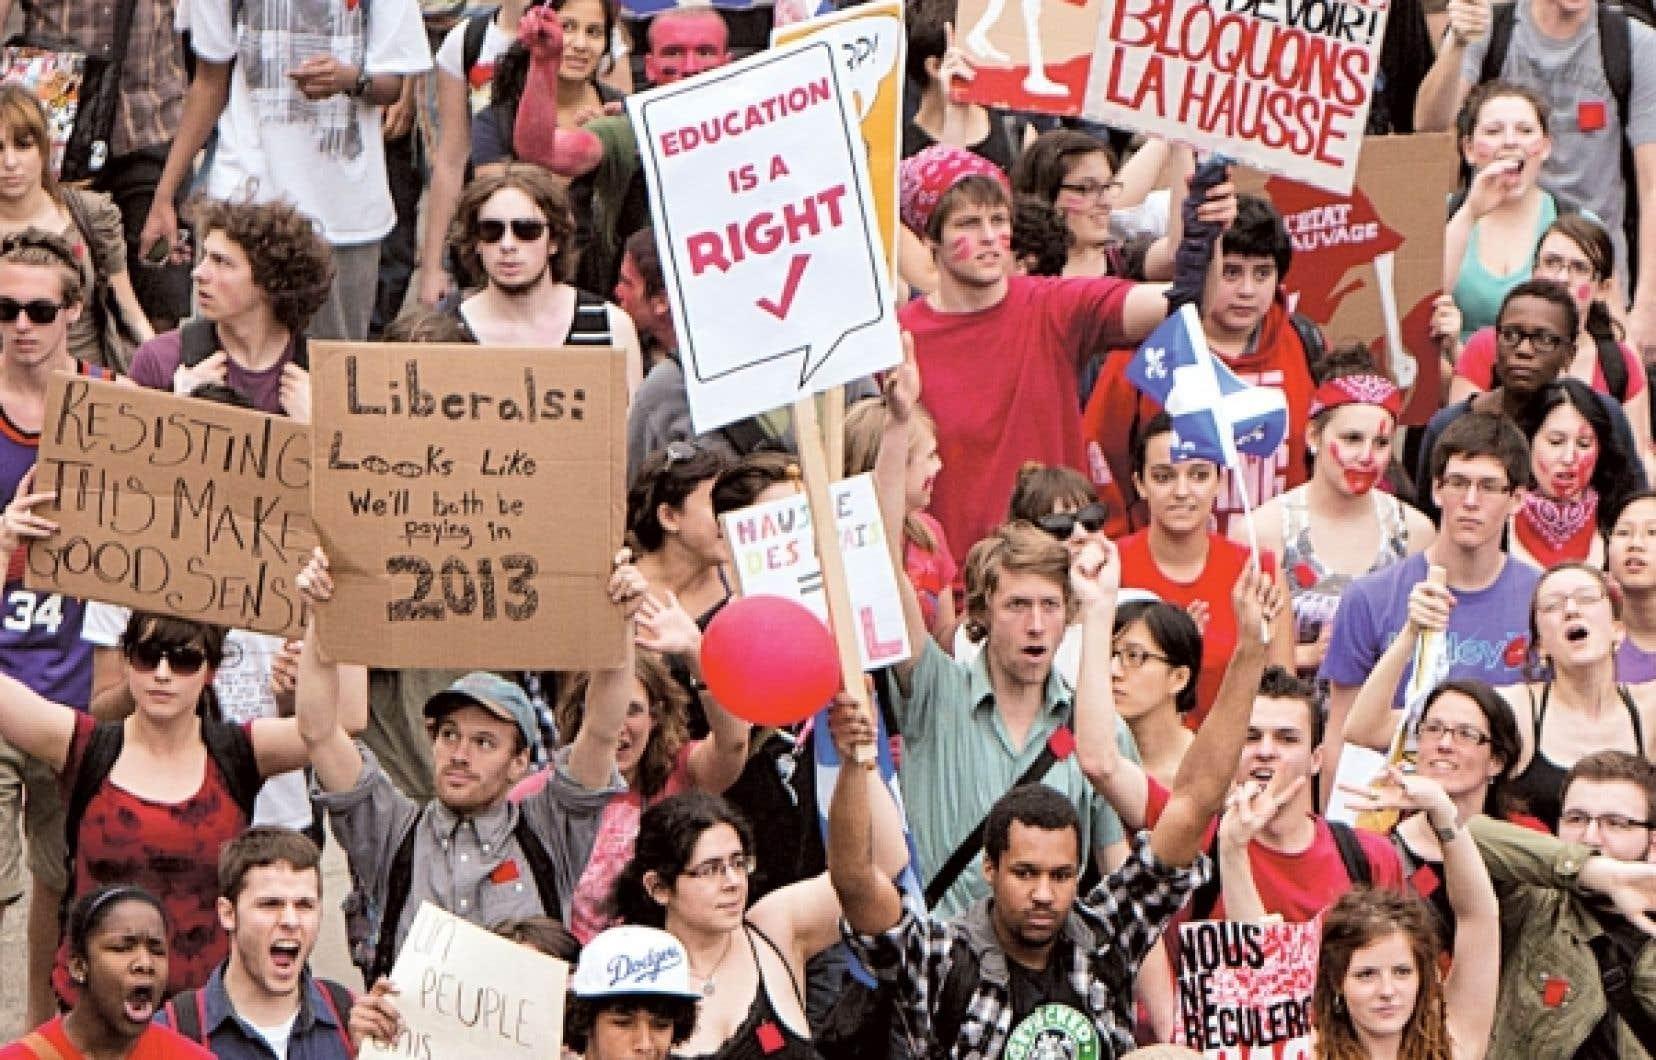 Des étudiants - et des sympathisants à leur cause - ont une nouvelle fois dénoncé hier, en français et en anglais, la hausse des droits de scolarité.